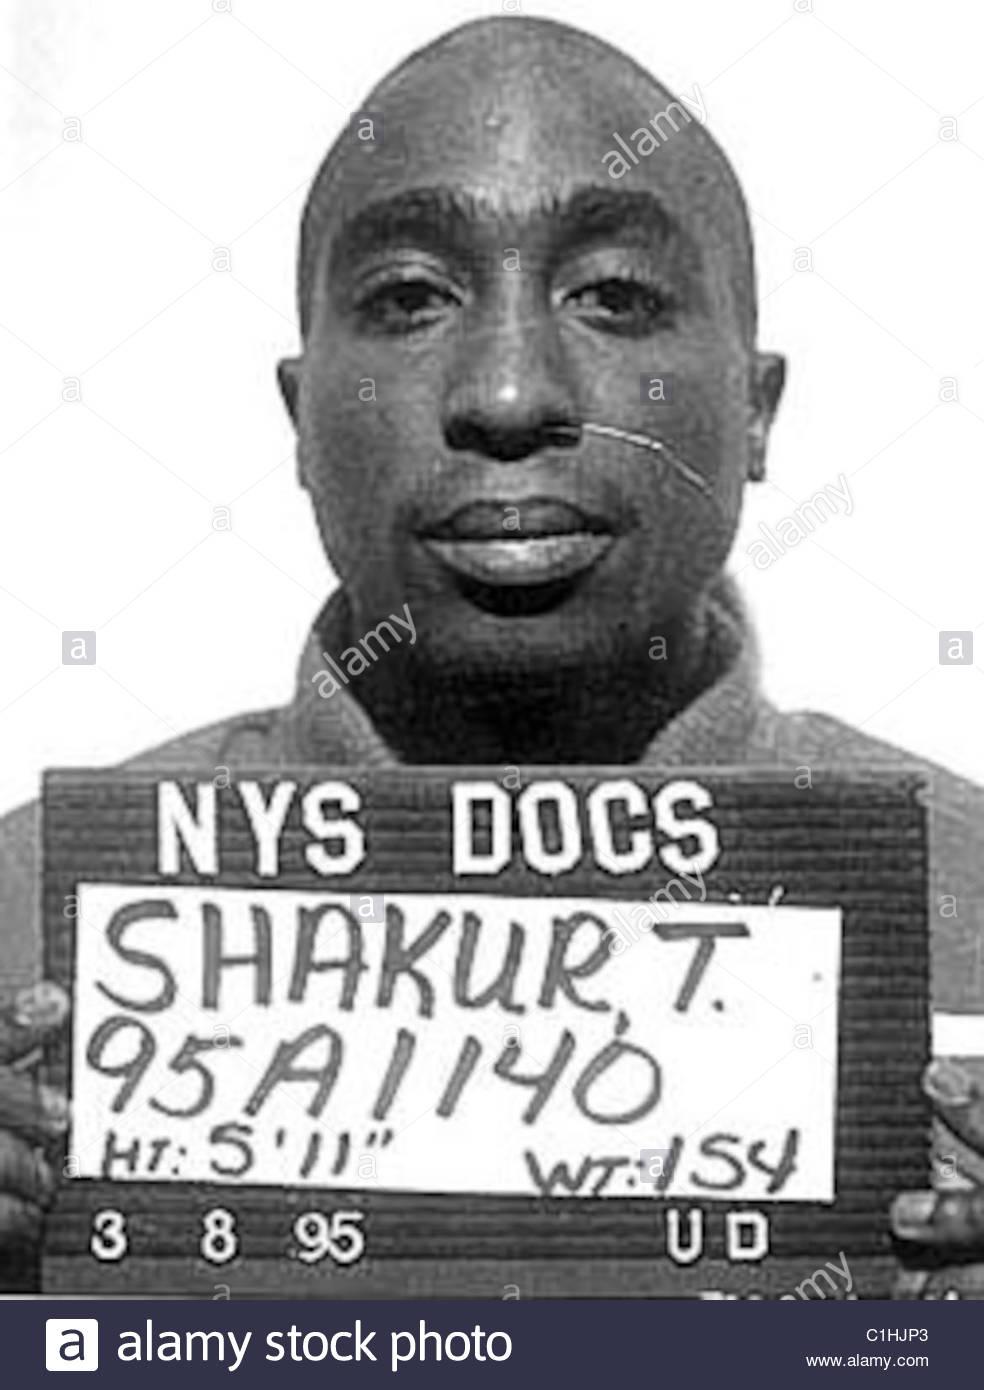 Tupac 2pac shakur mugshot stock image